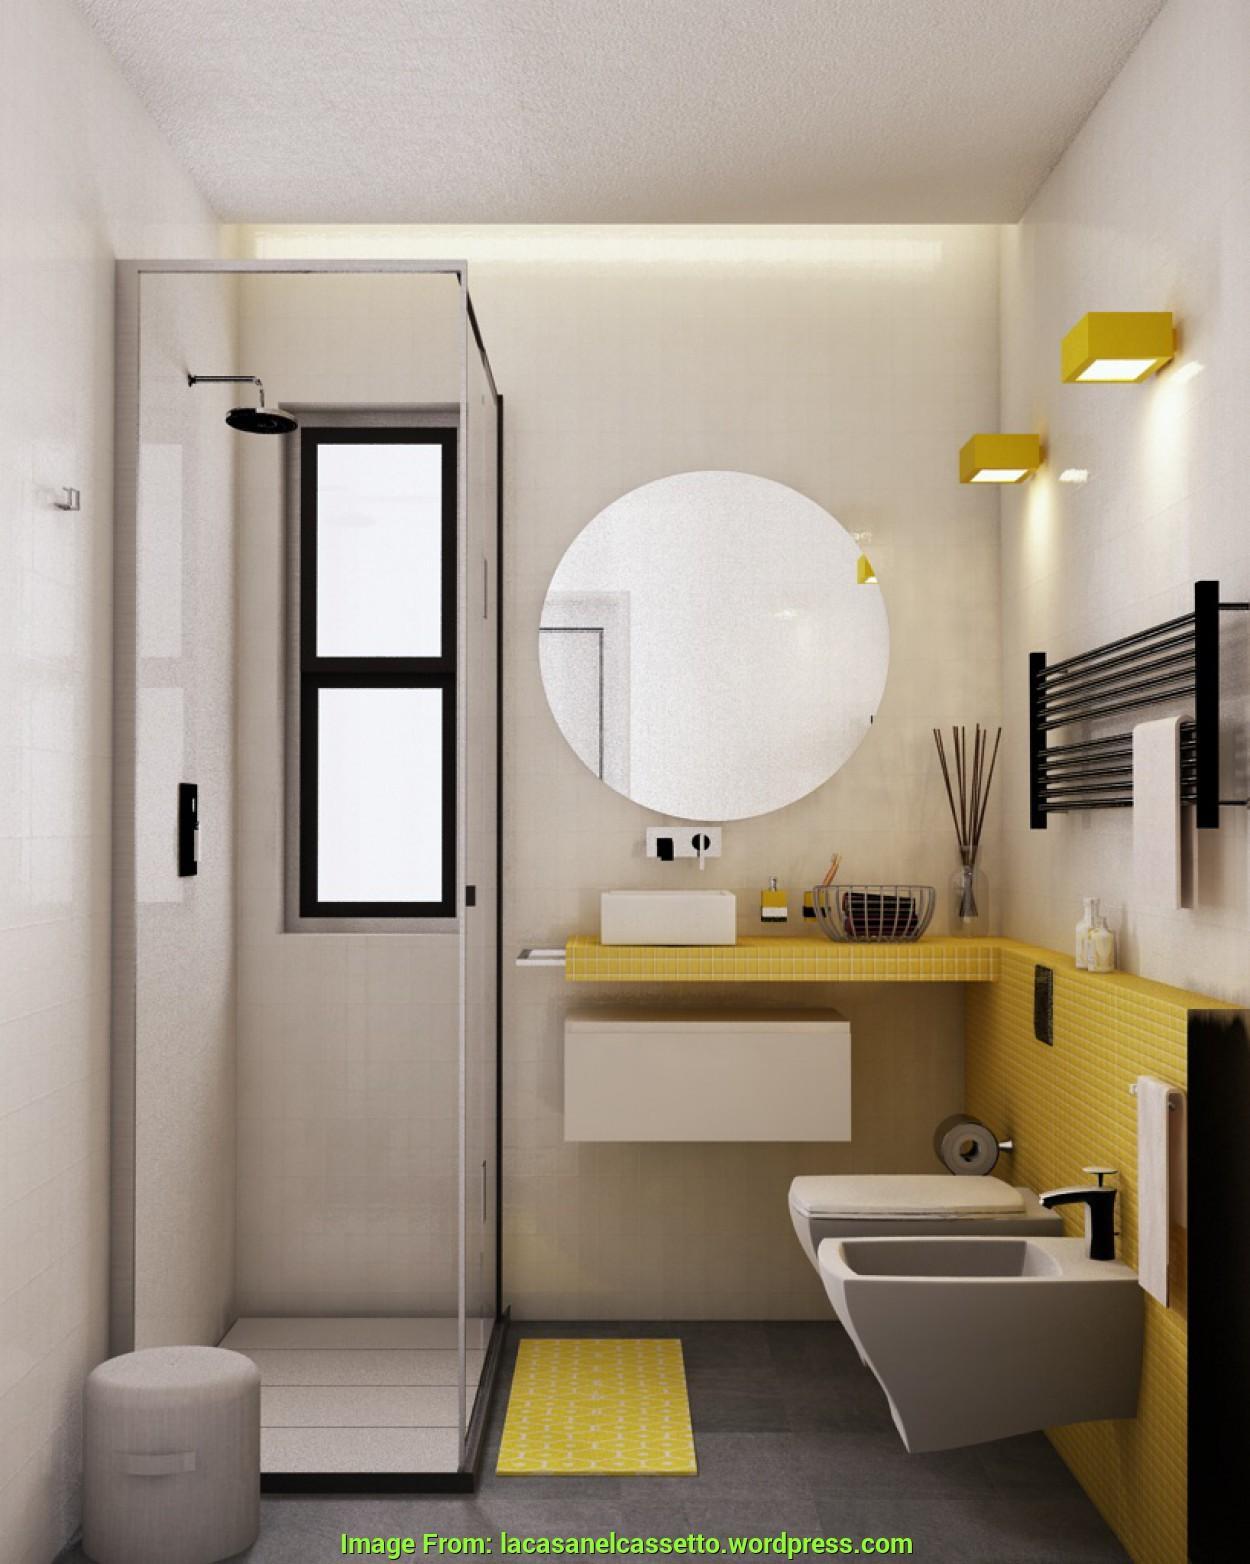 Come arredare un bagno di piccole dimensioni catania - Dimensioni sanitari bagno piccoli ...